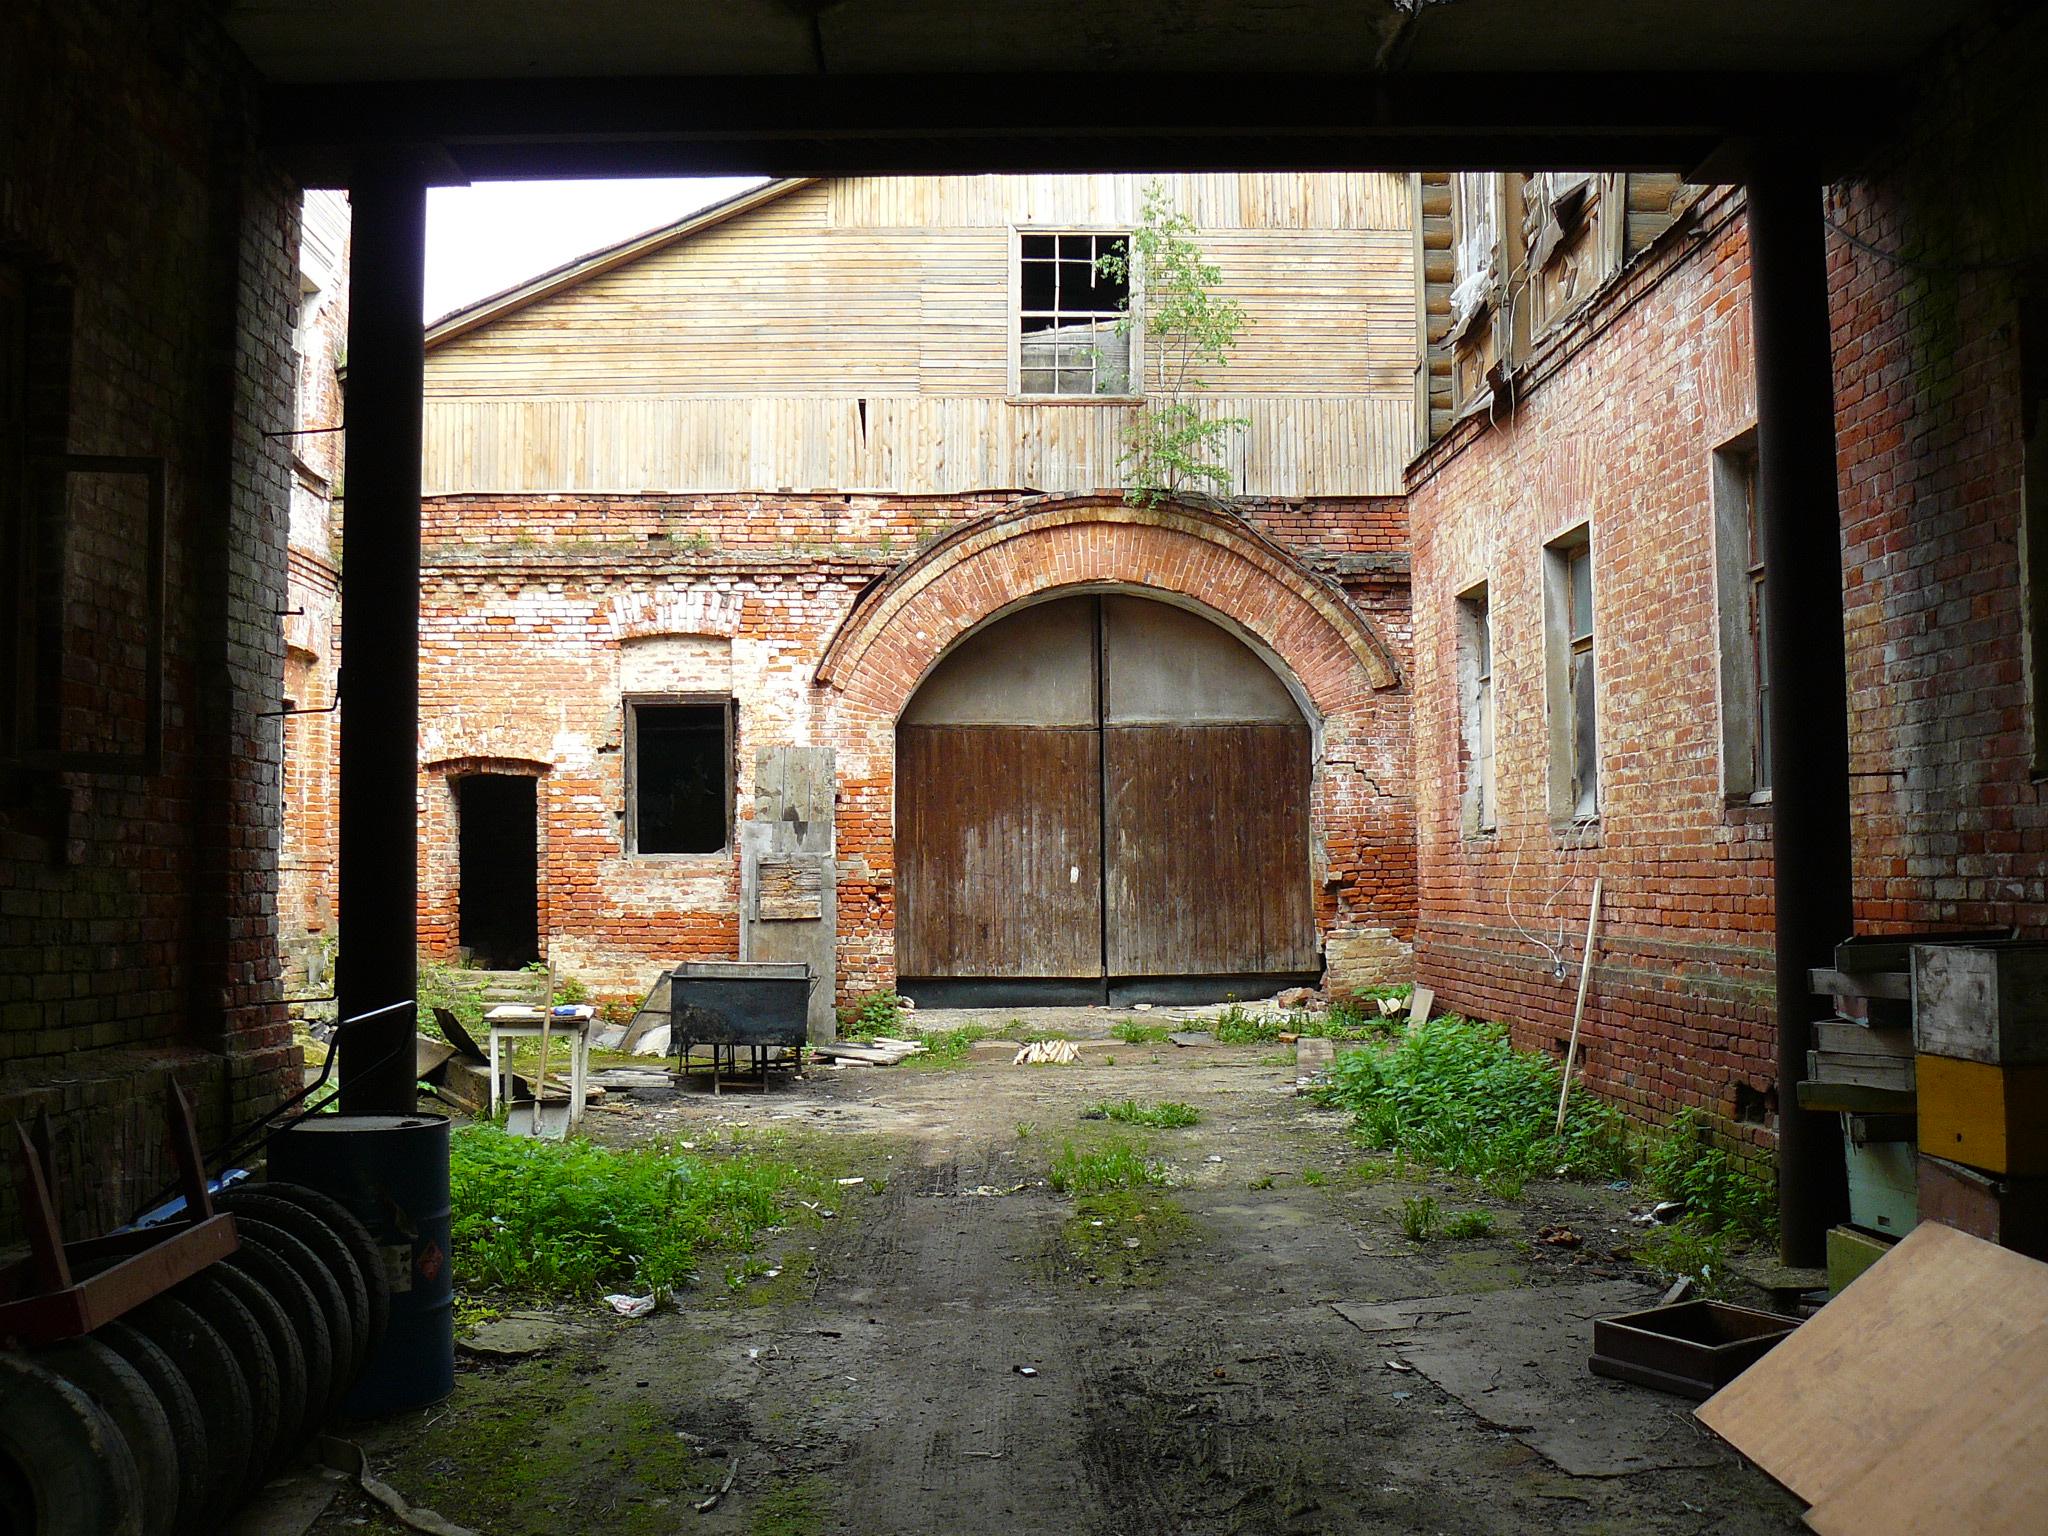 http://pics.livejournal.com/pushkino_2009/pic/000wt7wt